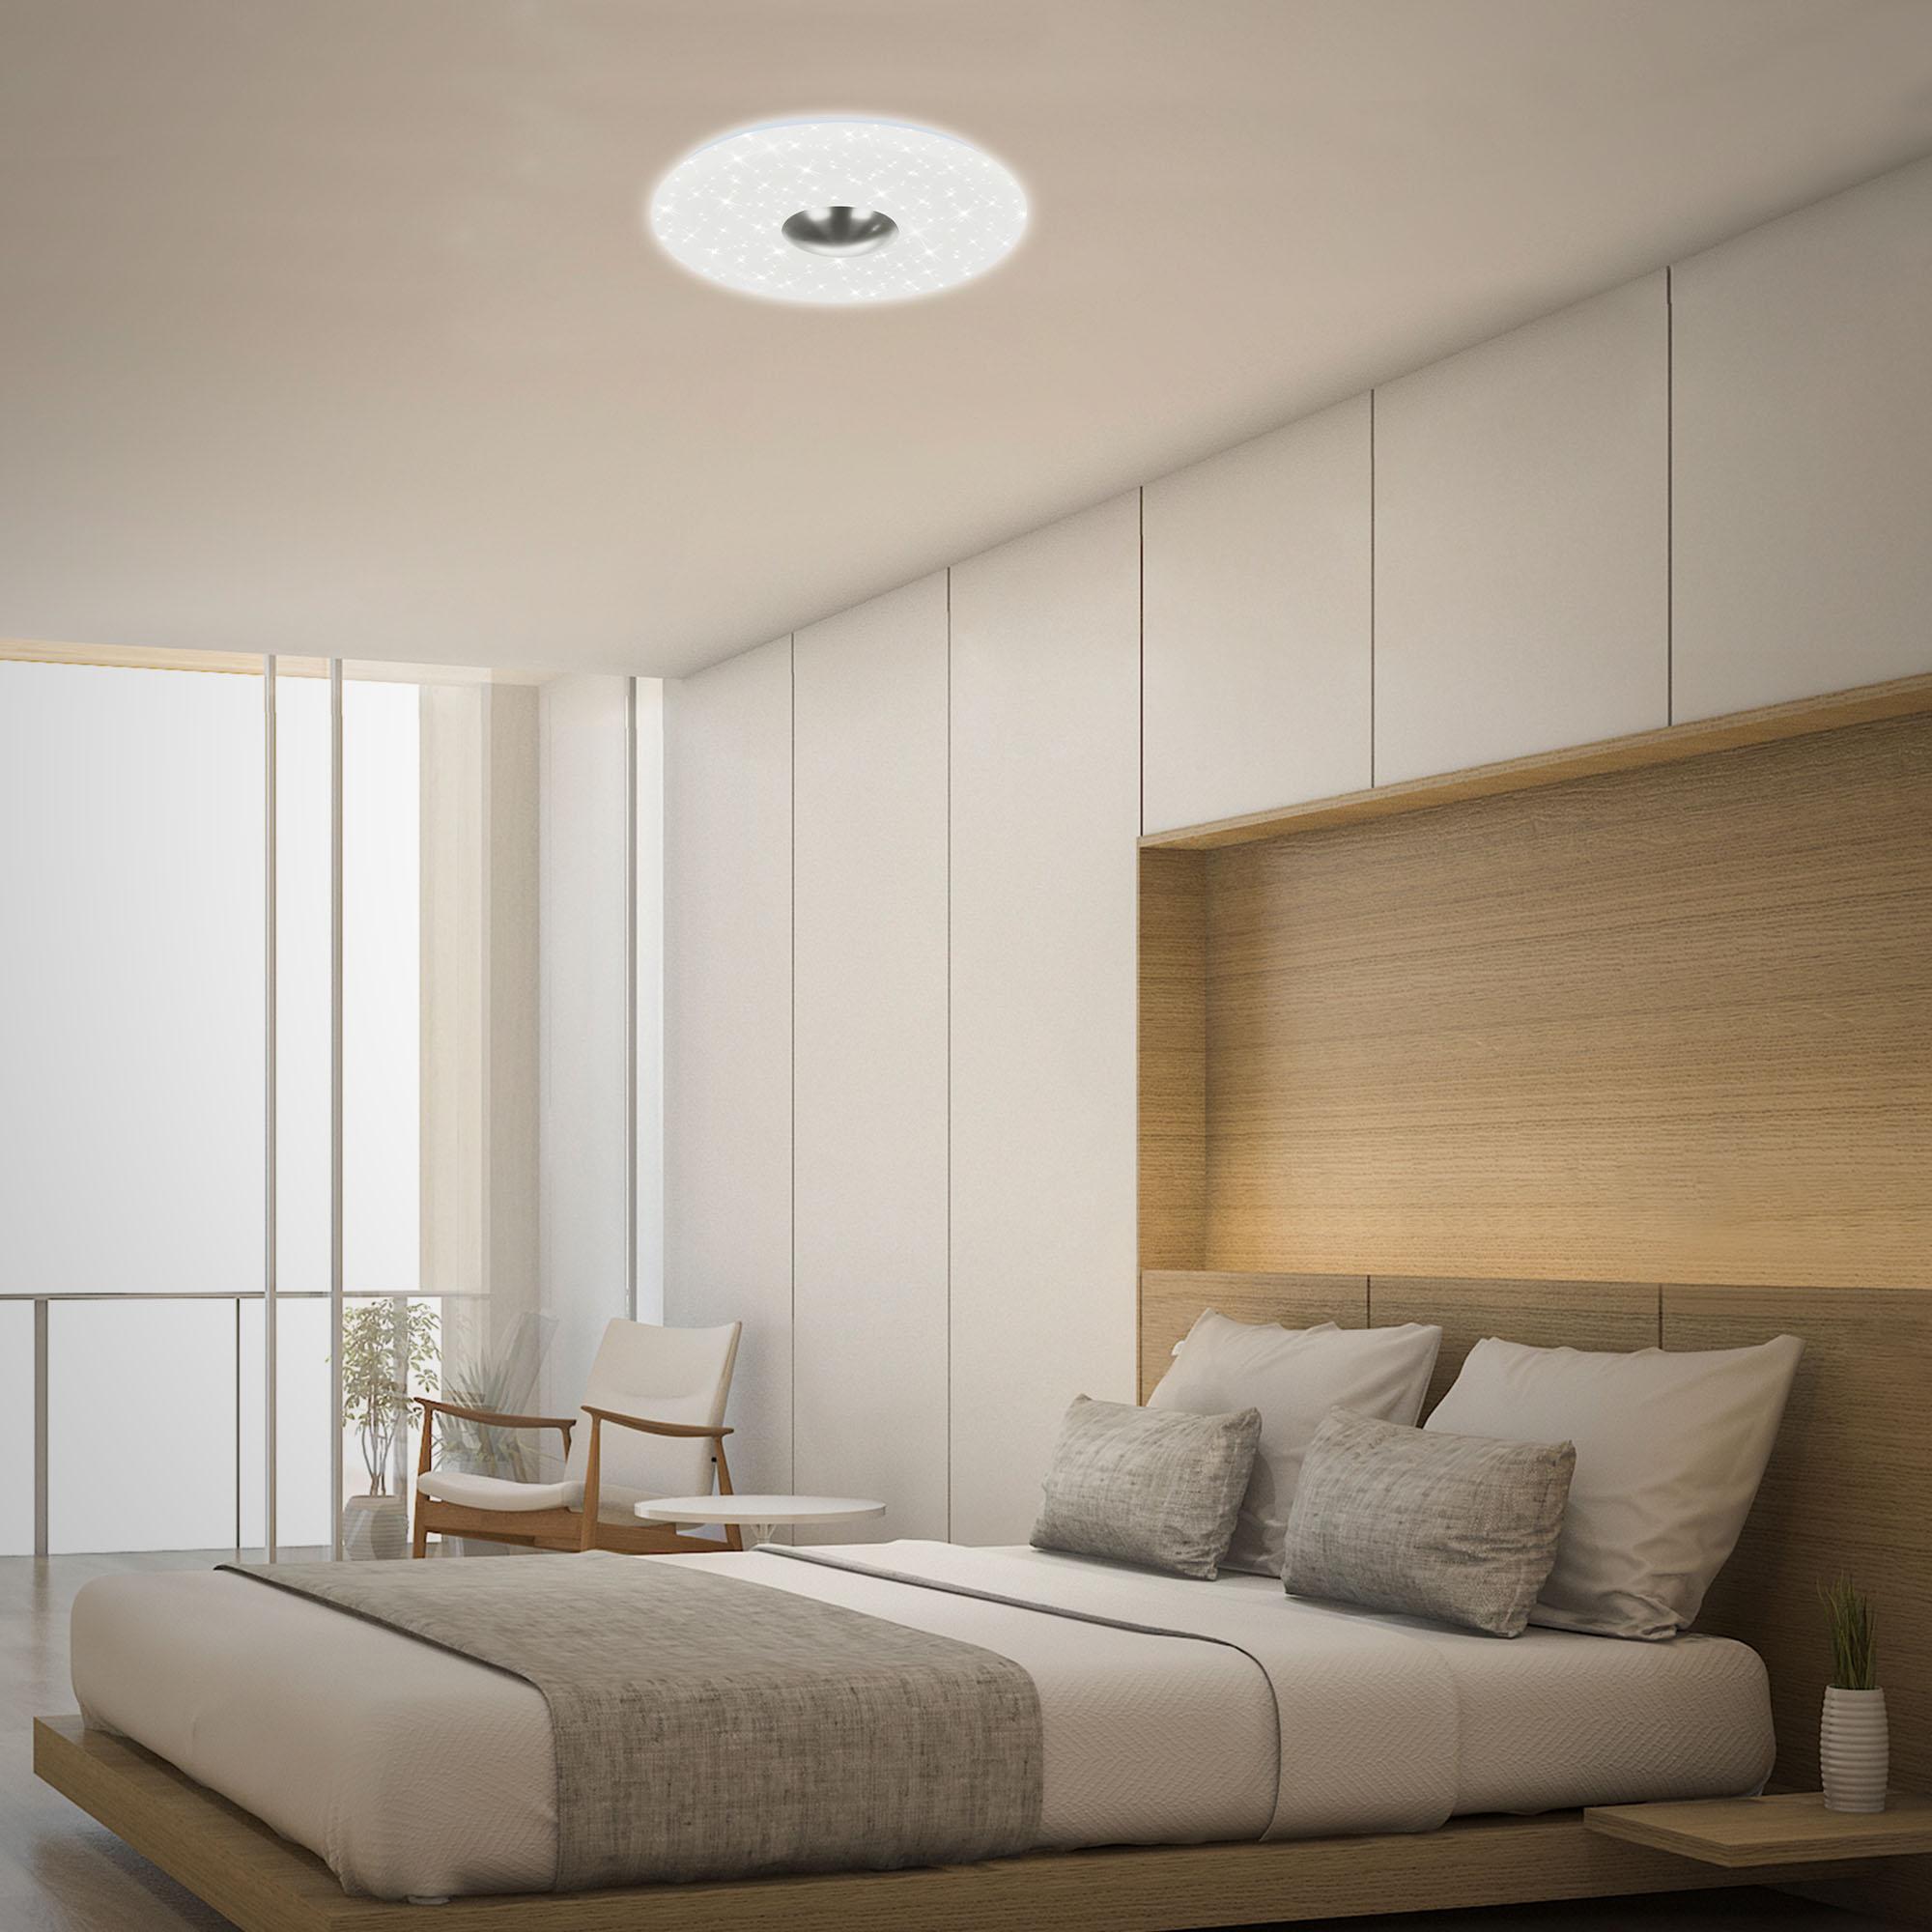 LED Deckenleuchte, Ø 38 cm, 18 W, Matt-Nickel-Weiß